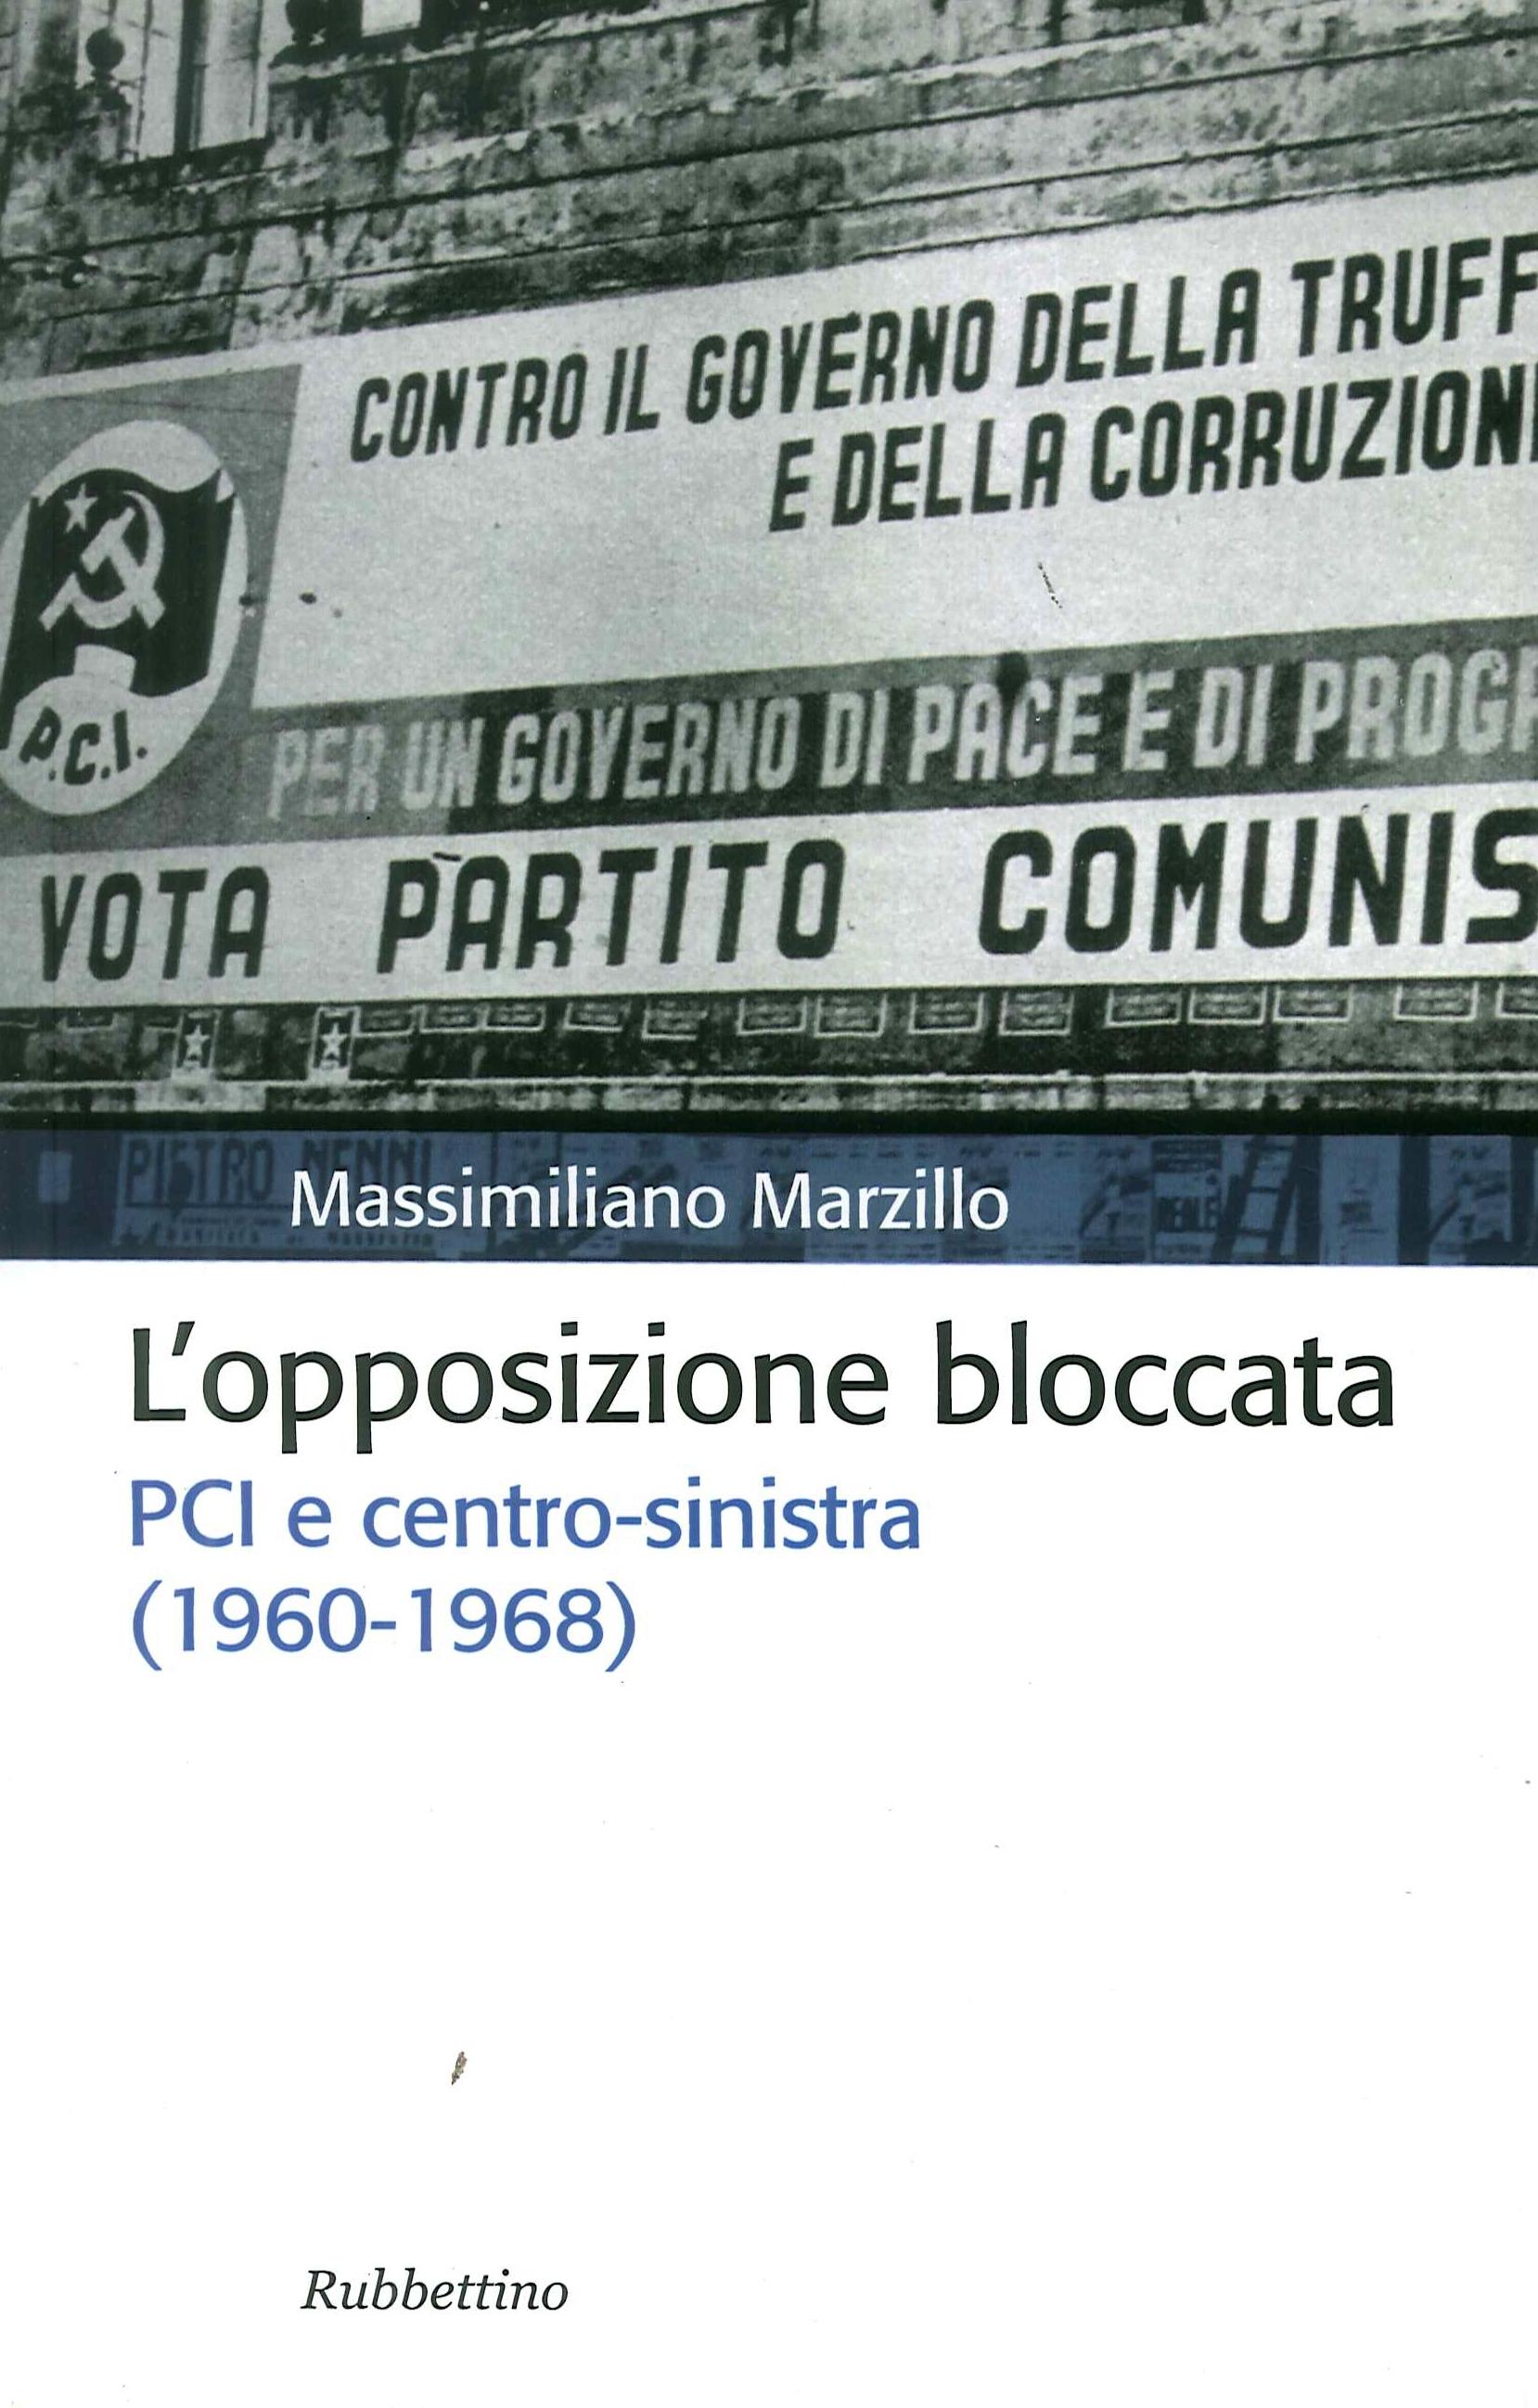 L'opposizione bloccata. PCI e centro-sinistra (1960-1968).